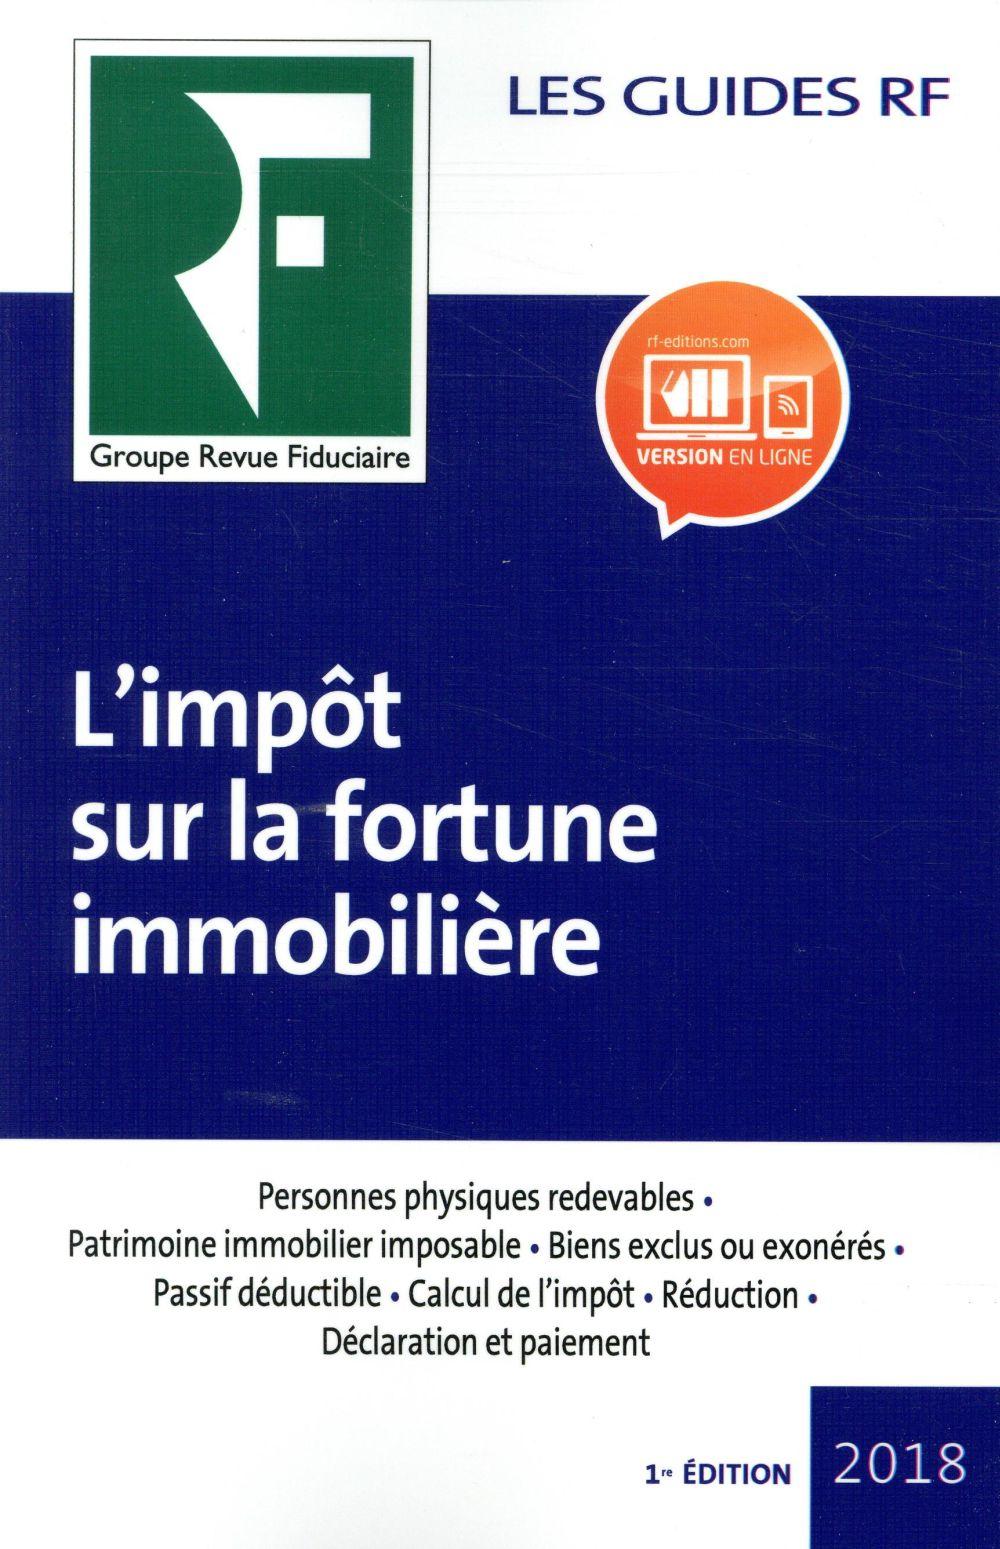 Impôt sur la fortune immobilière (édition 2018)